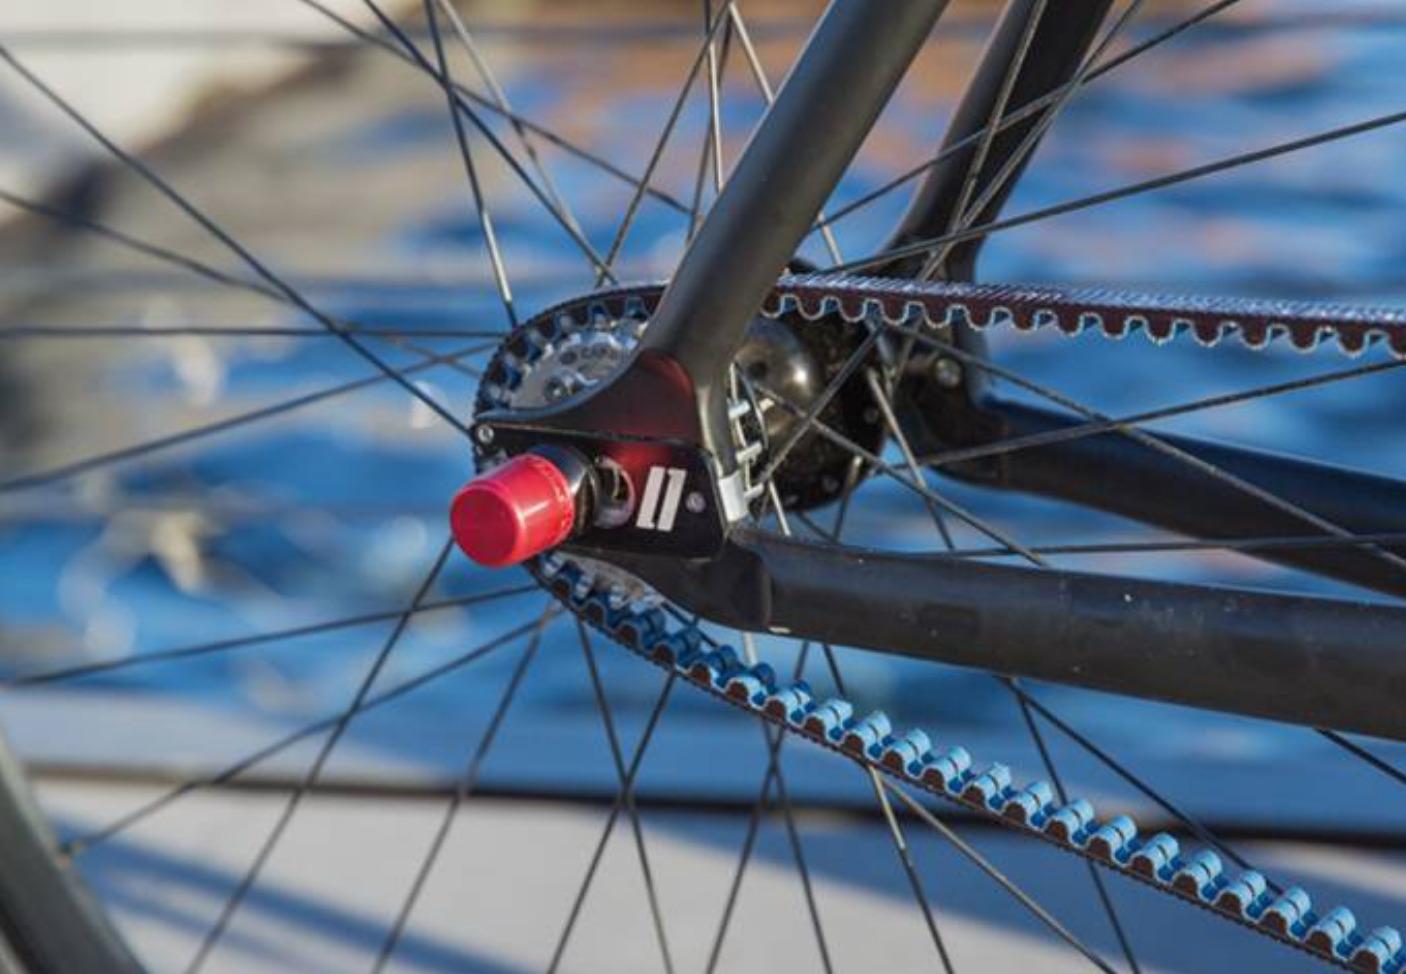 Fahrradteile vor Diebstahl schützen - 0815 Blog